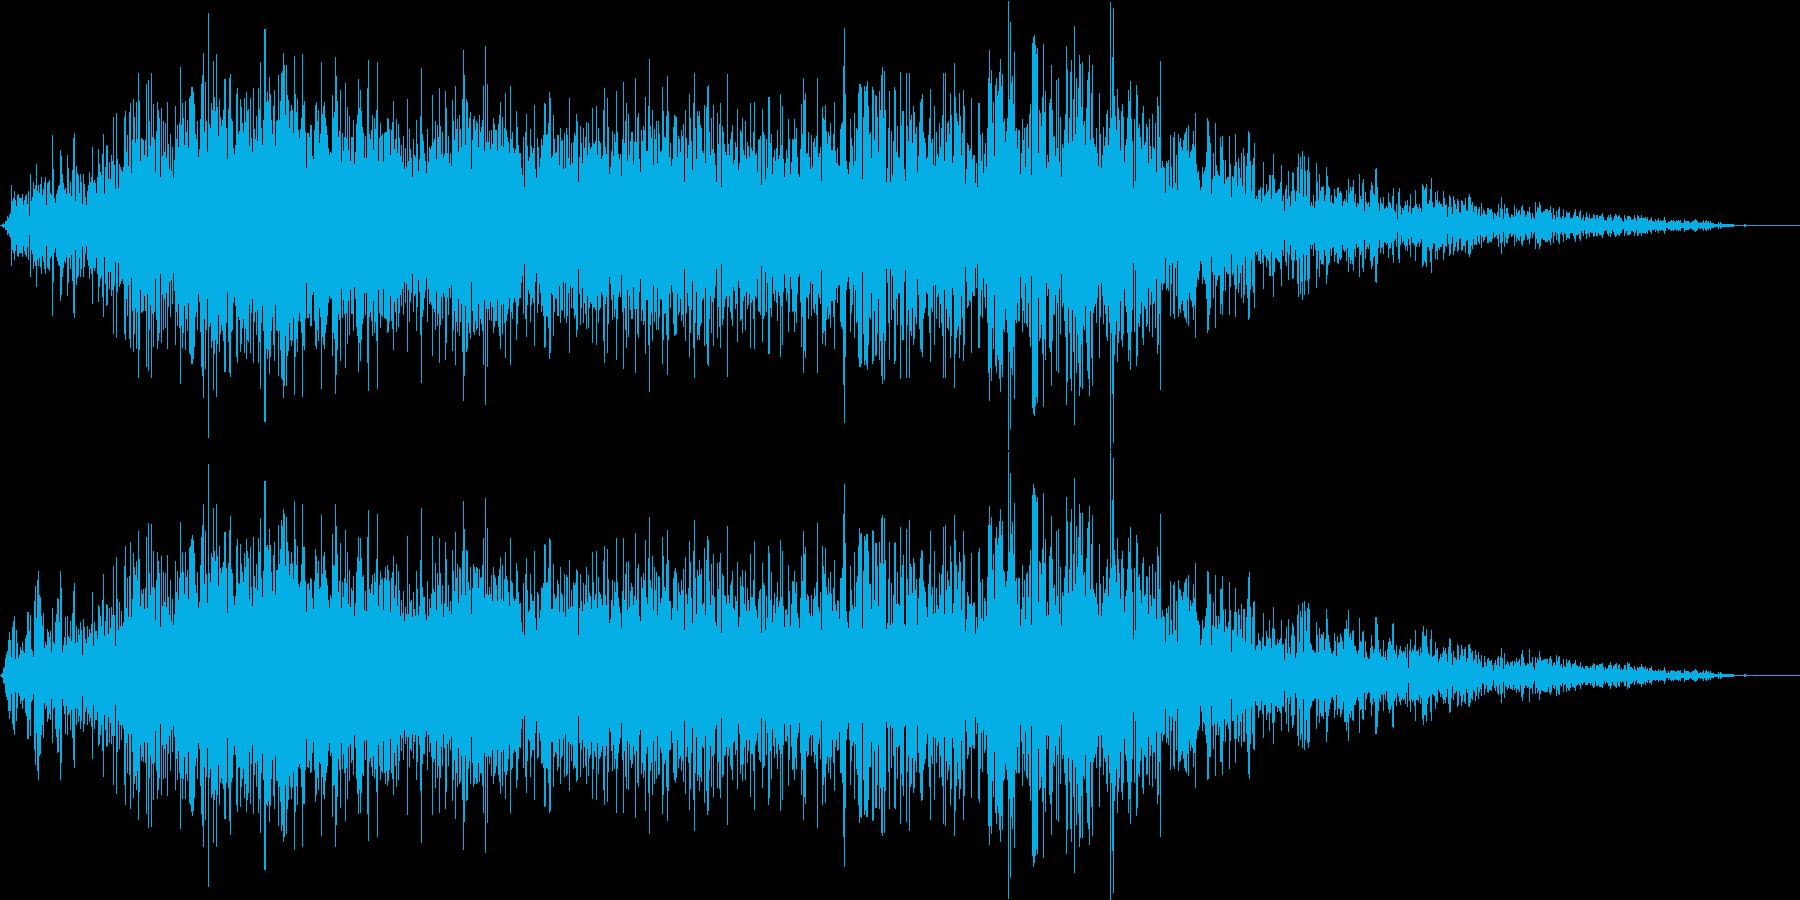 【 シェルター 】プシューバタン(普通)の再生済みの波形